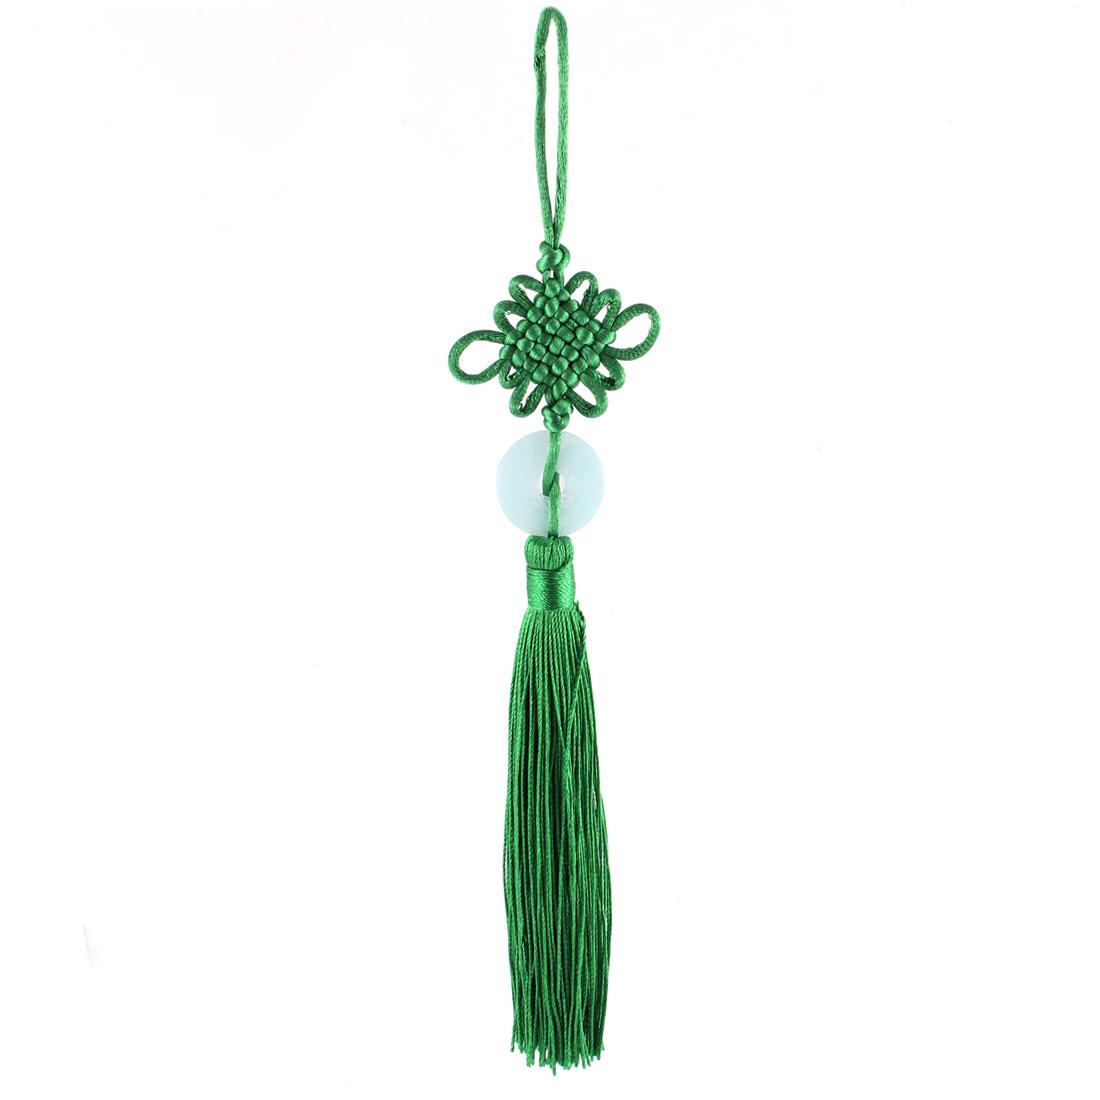 Handmade Luck Chinese Knot Tassel Pendant Home Bedroom Decor Green